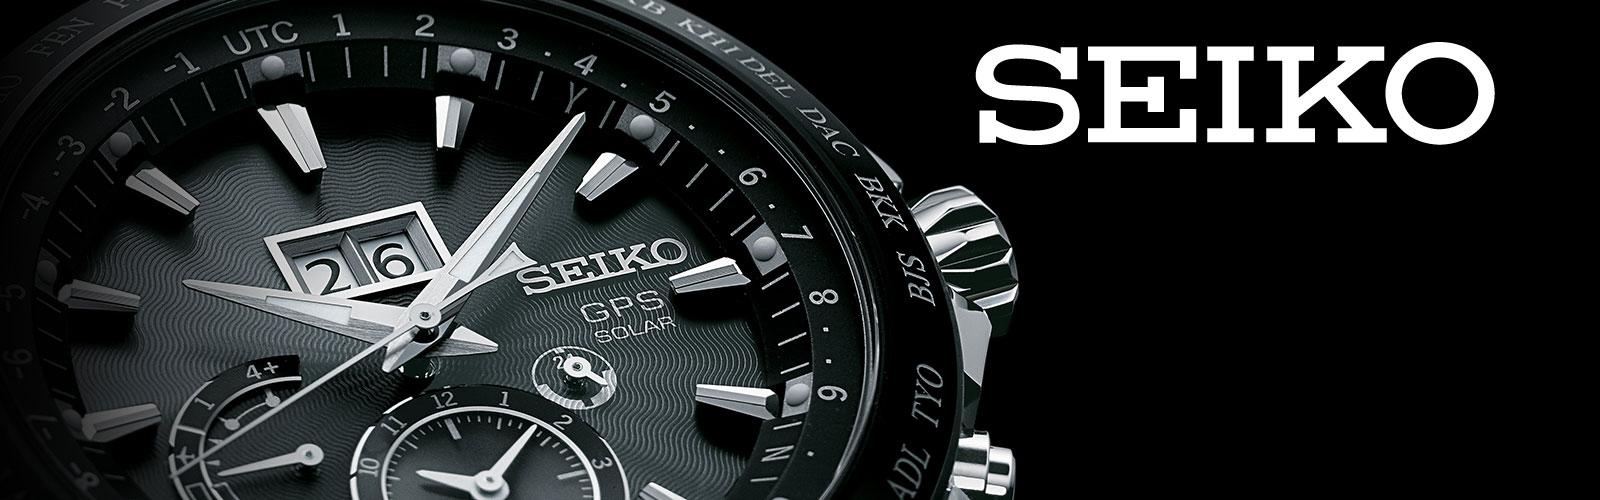 Seiko horloges koop je bij Wolters Juweliers Coevorden Emmen ook dealer voor Hardenberg en Hoogeveen.